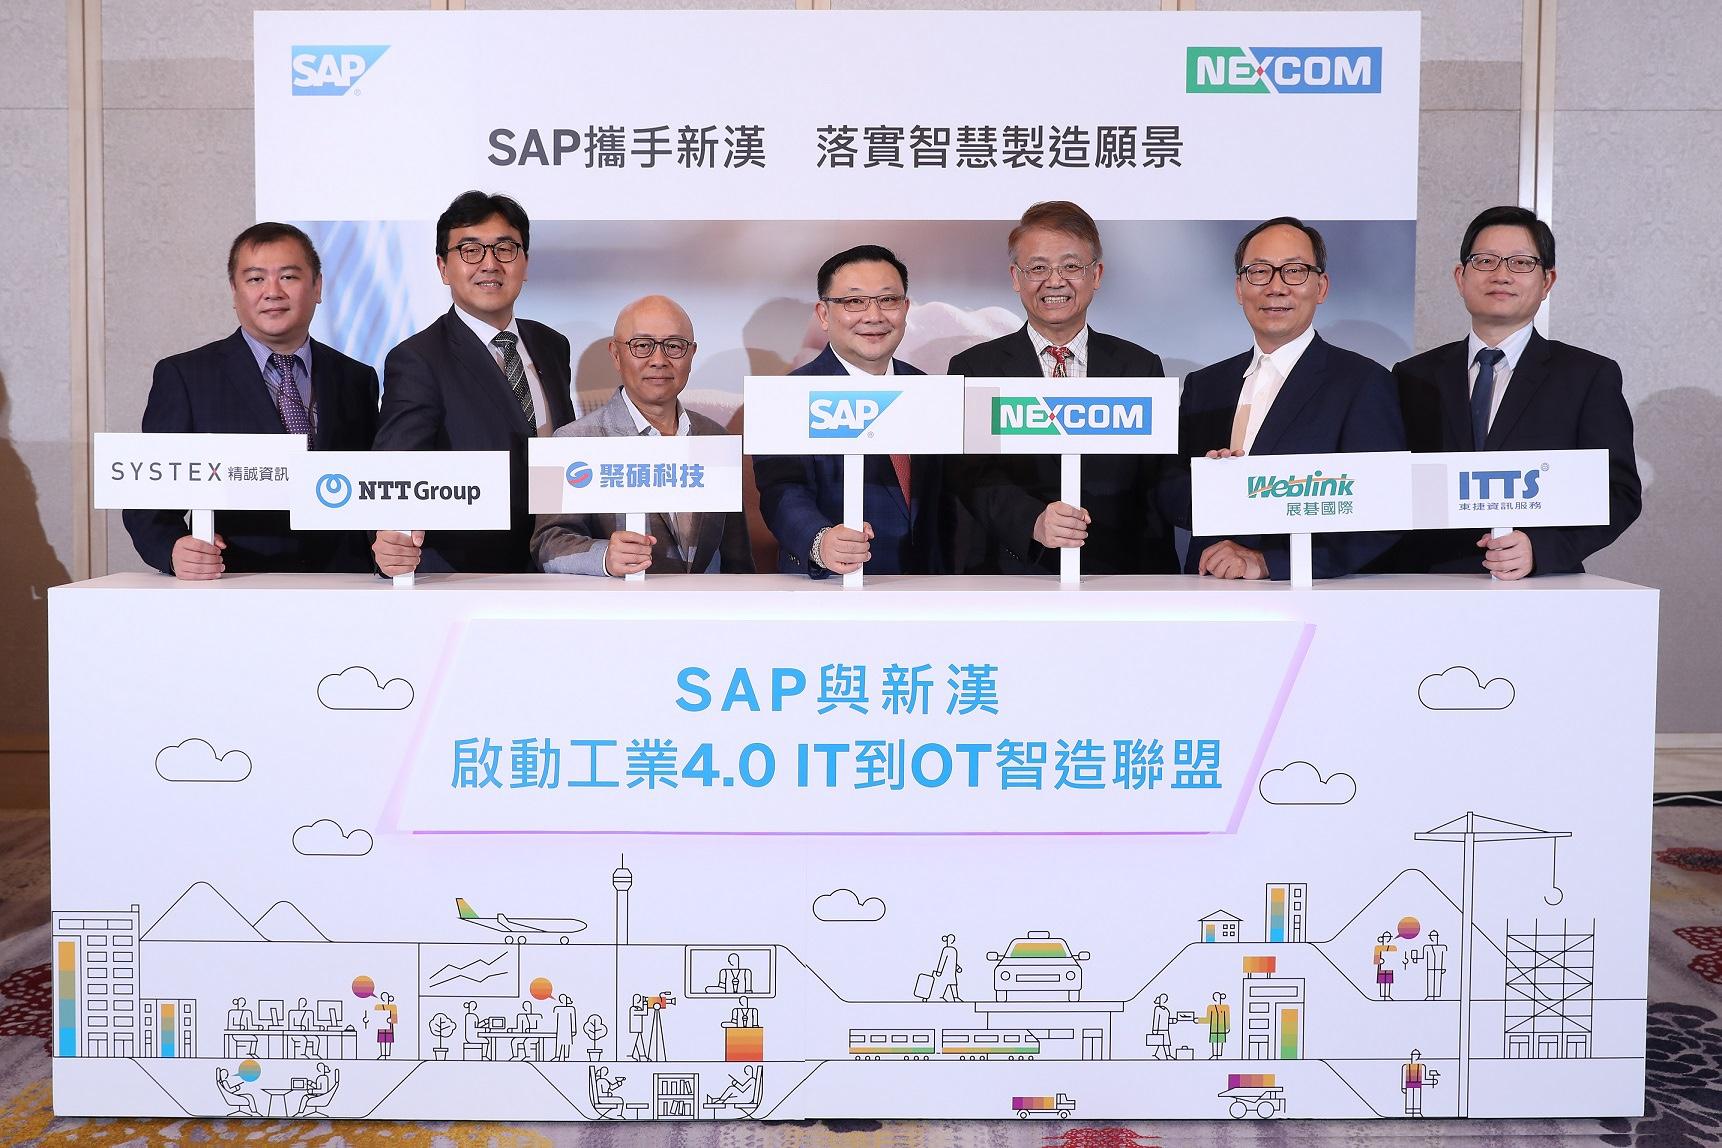 工業4.0成真!SAP x新漢  讓IT串聯到OT